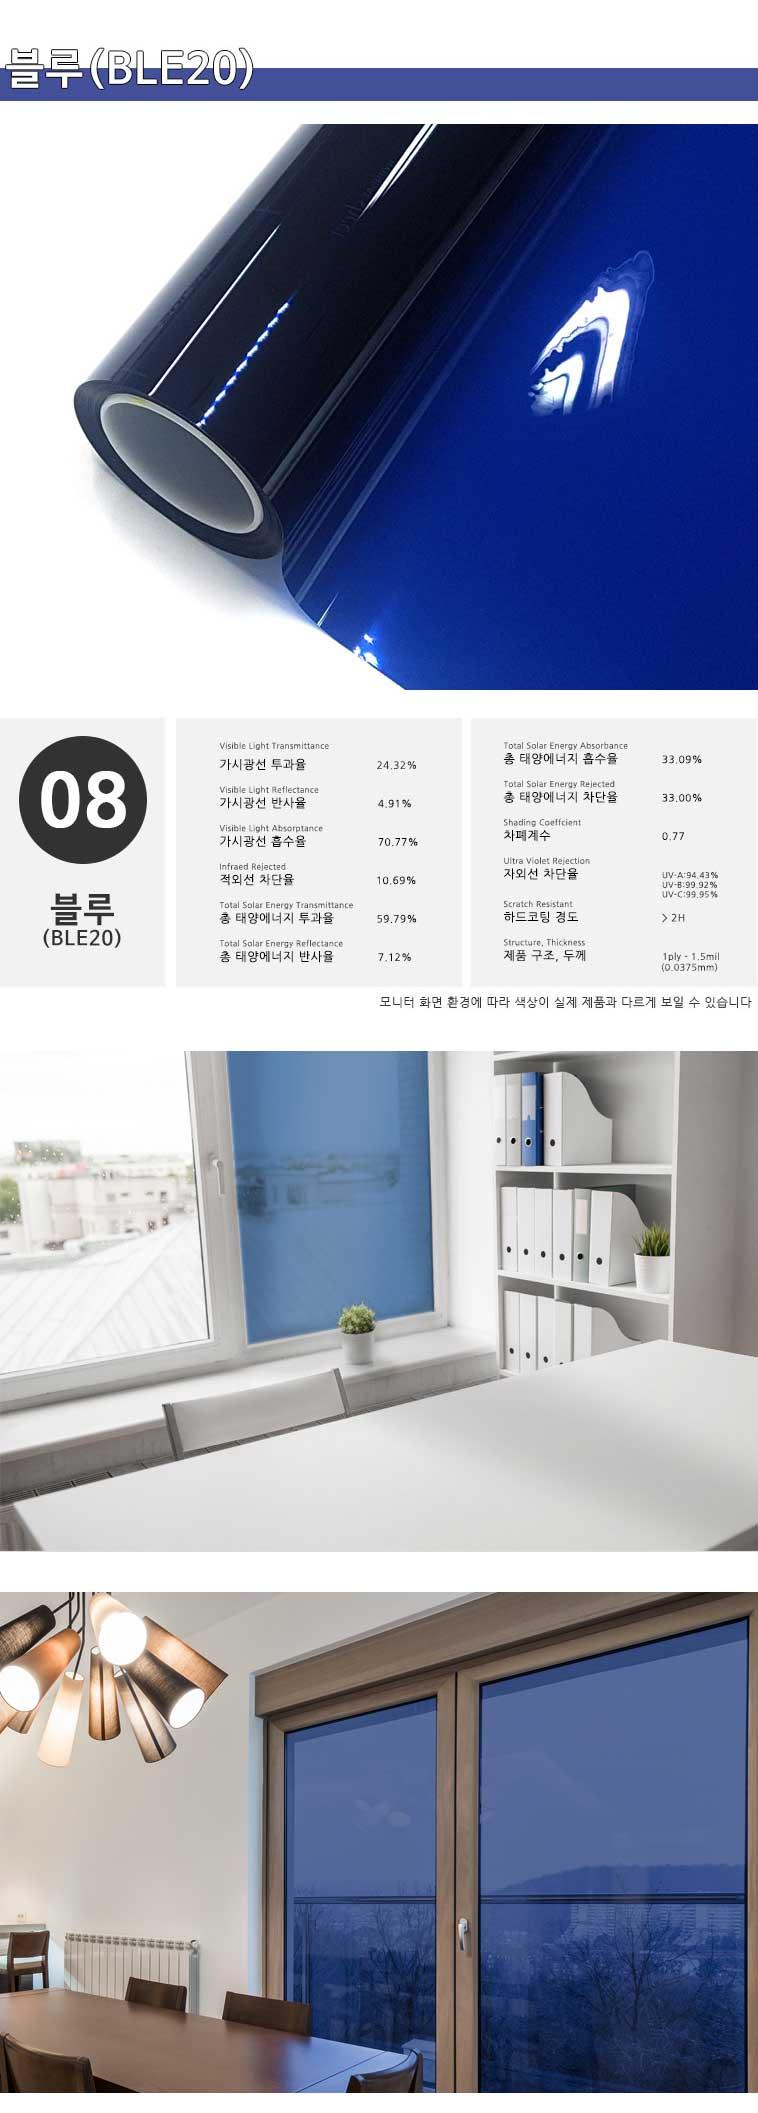 윈도우 솔라필름 창문시트지 자외선차단 유리 썬팅지 - 마이월플레이즈, 1,800원, 벽지/시트지, 디자인 시트지